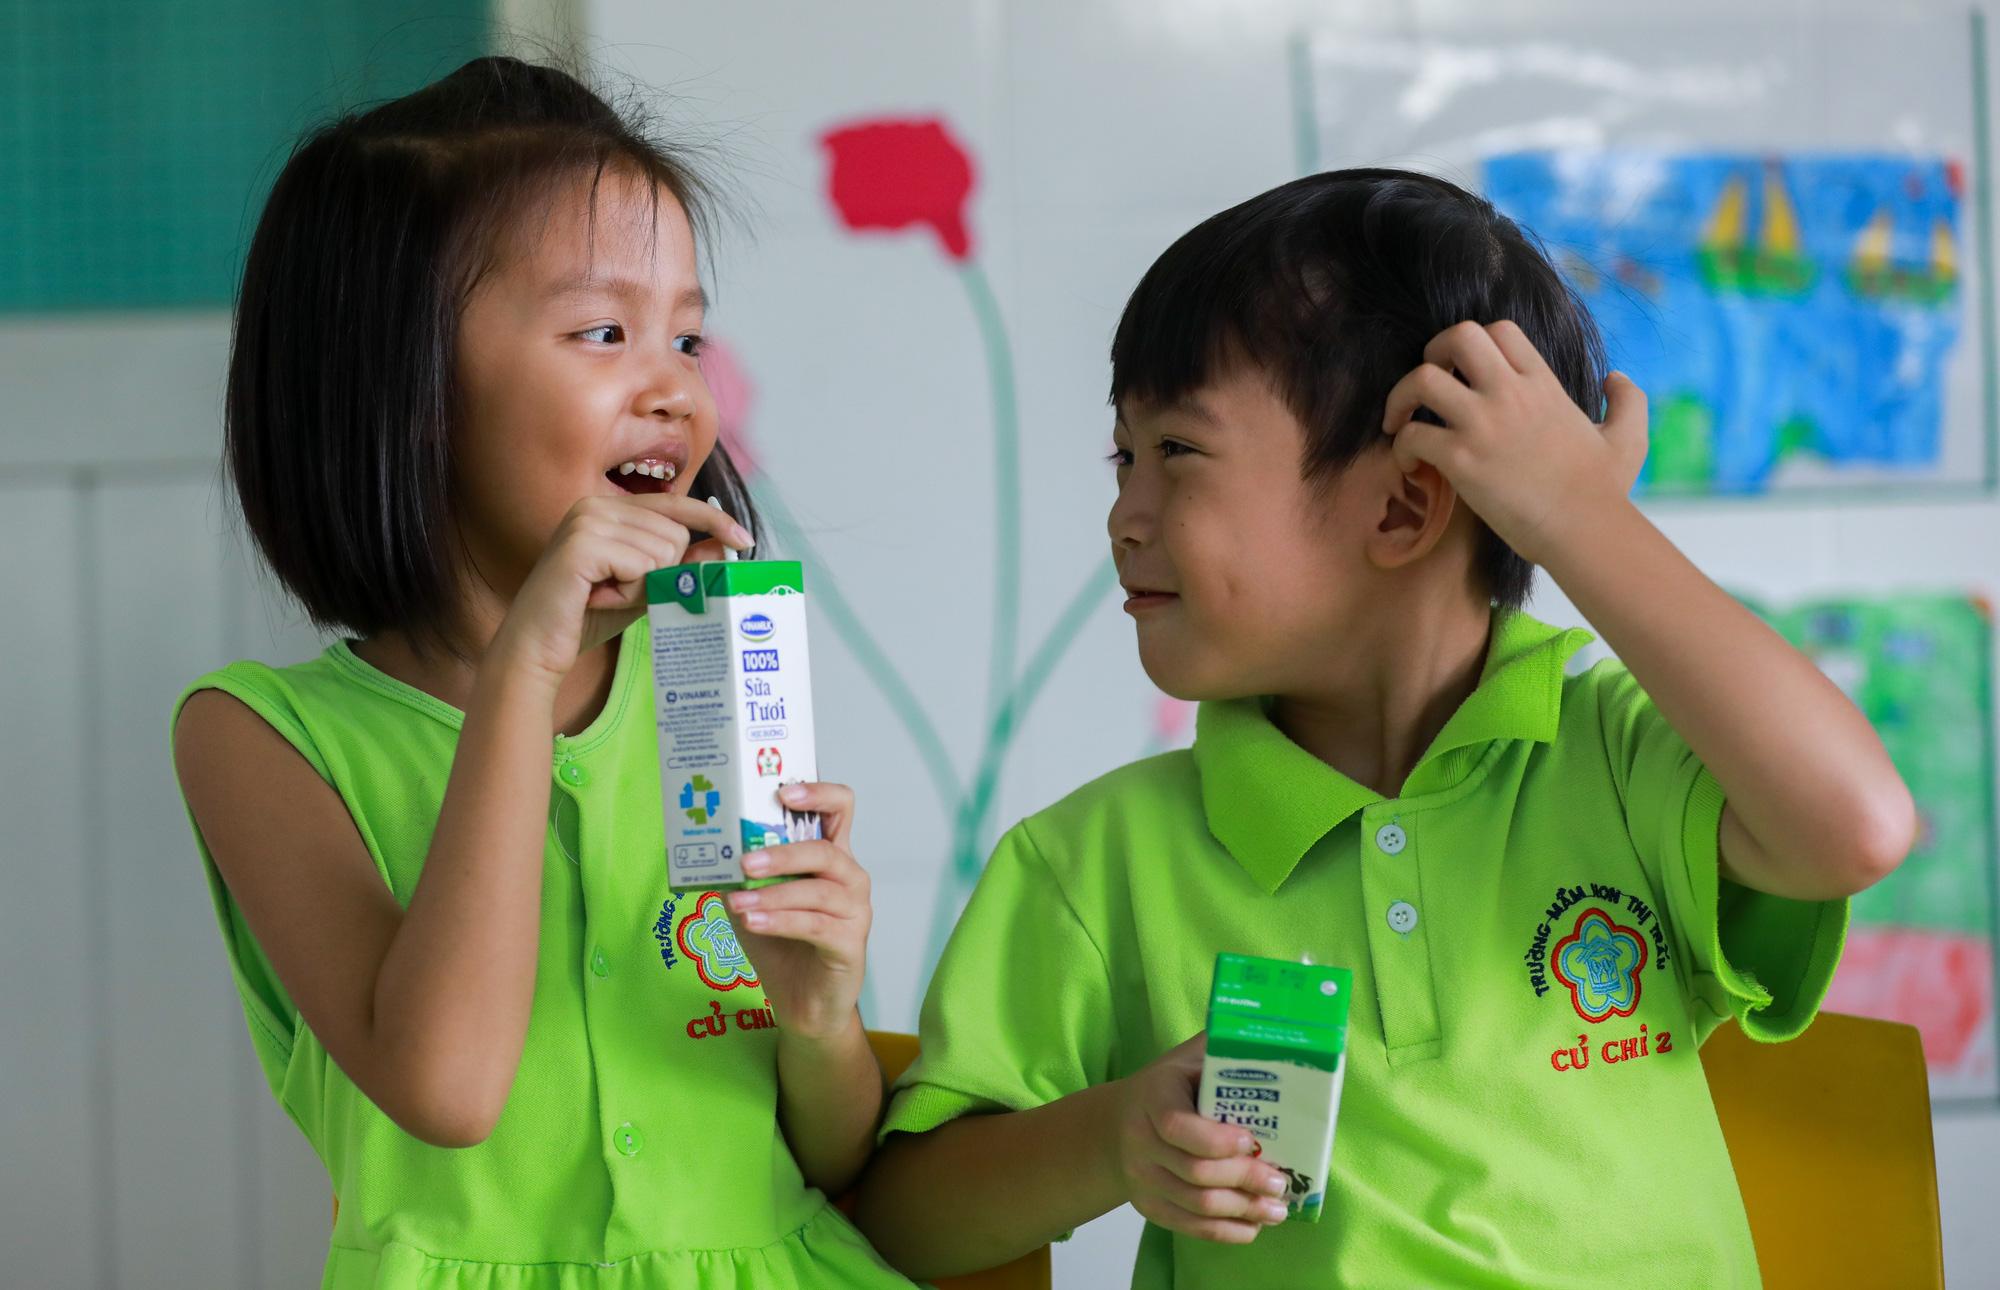 """Những giờ uống sữa """"vui khoẻ, an toàn"""" của học sinh TP.HCM - Ảnh 5."""